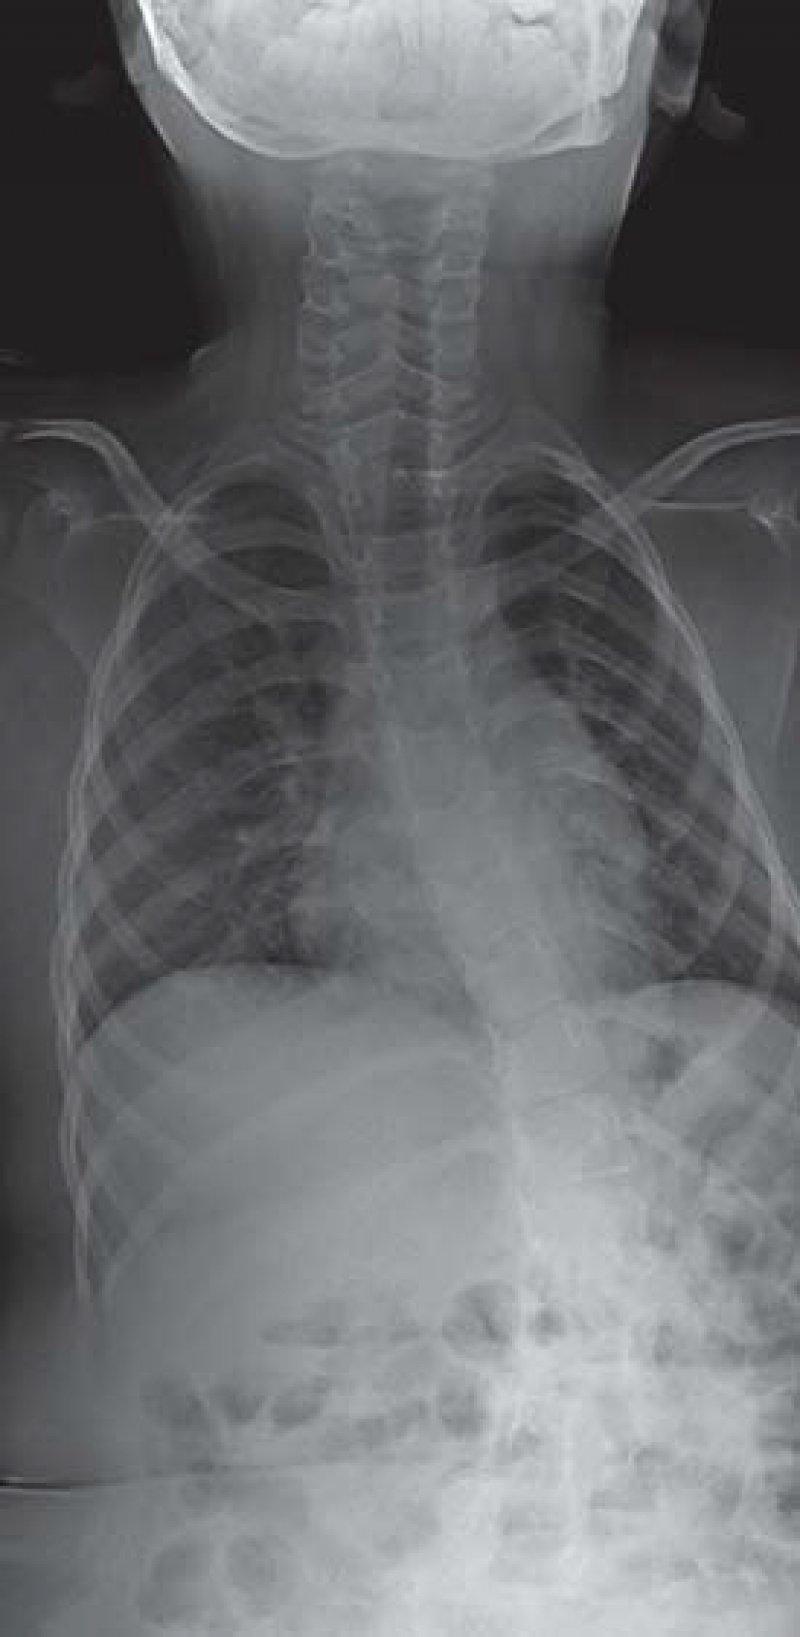 Röntgenaufnahme von der verkrümmten Wirbelsäule eines Jungen. Foto: dpa